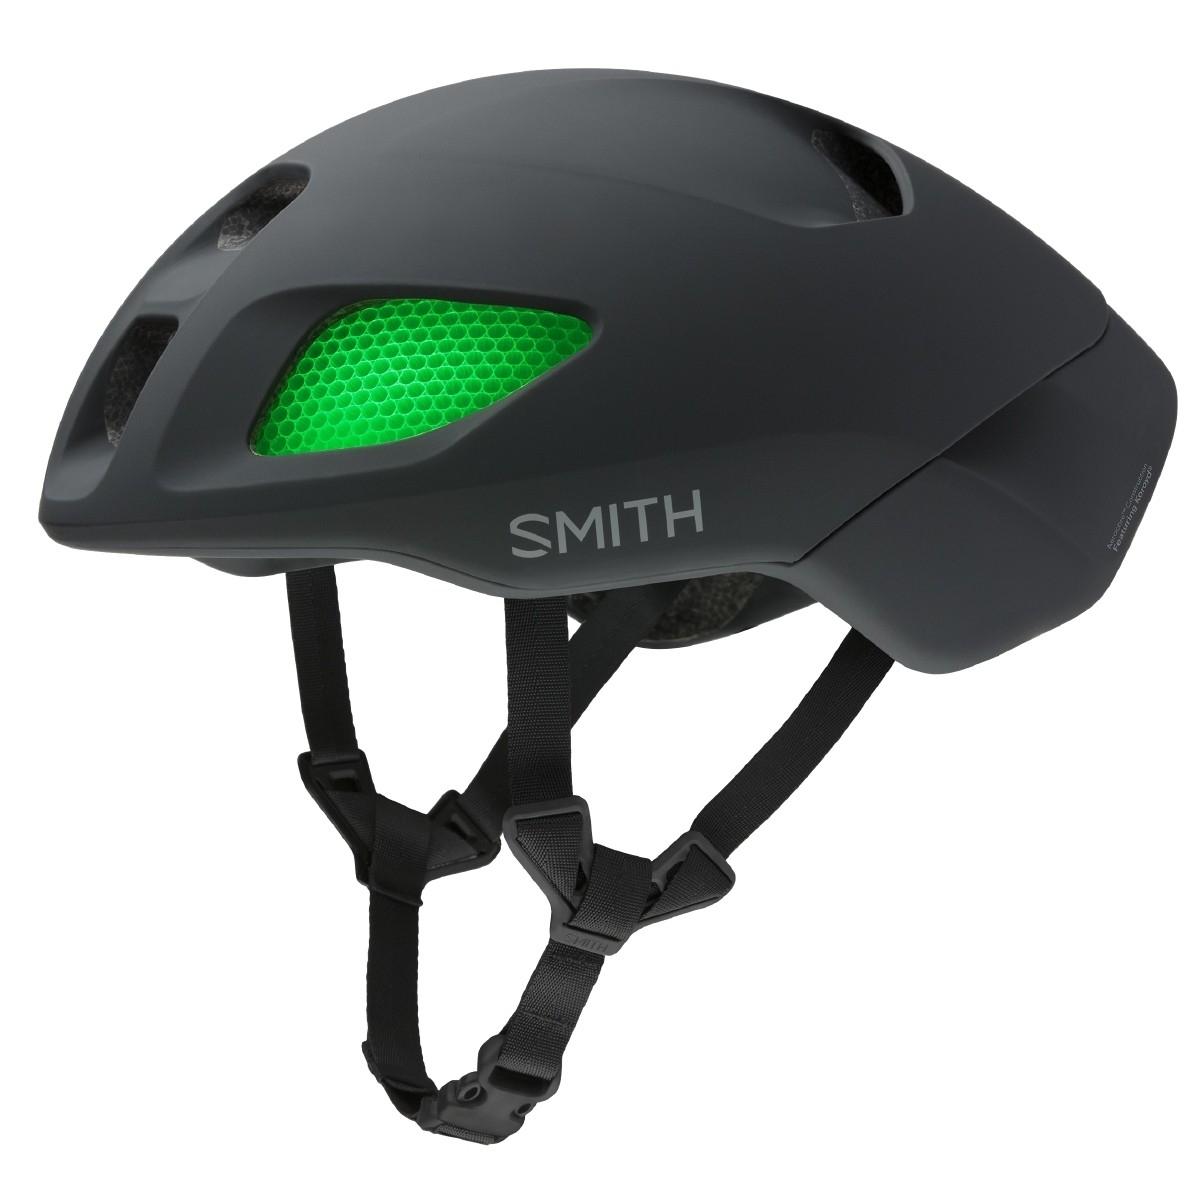 Smith Ignite MIPS // Fahrradhelm - Schwarz - Größe S, M, L